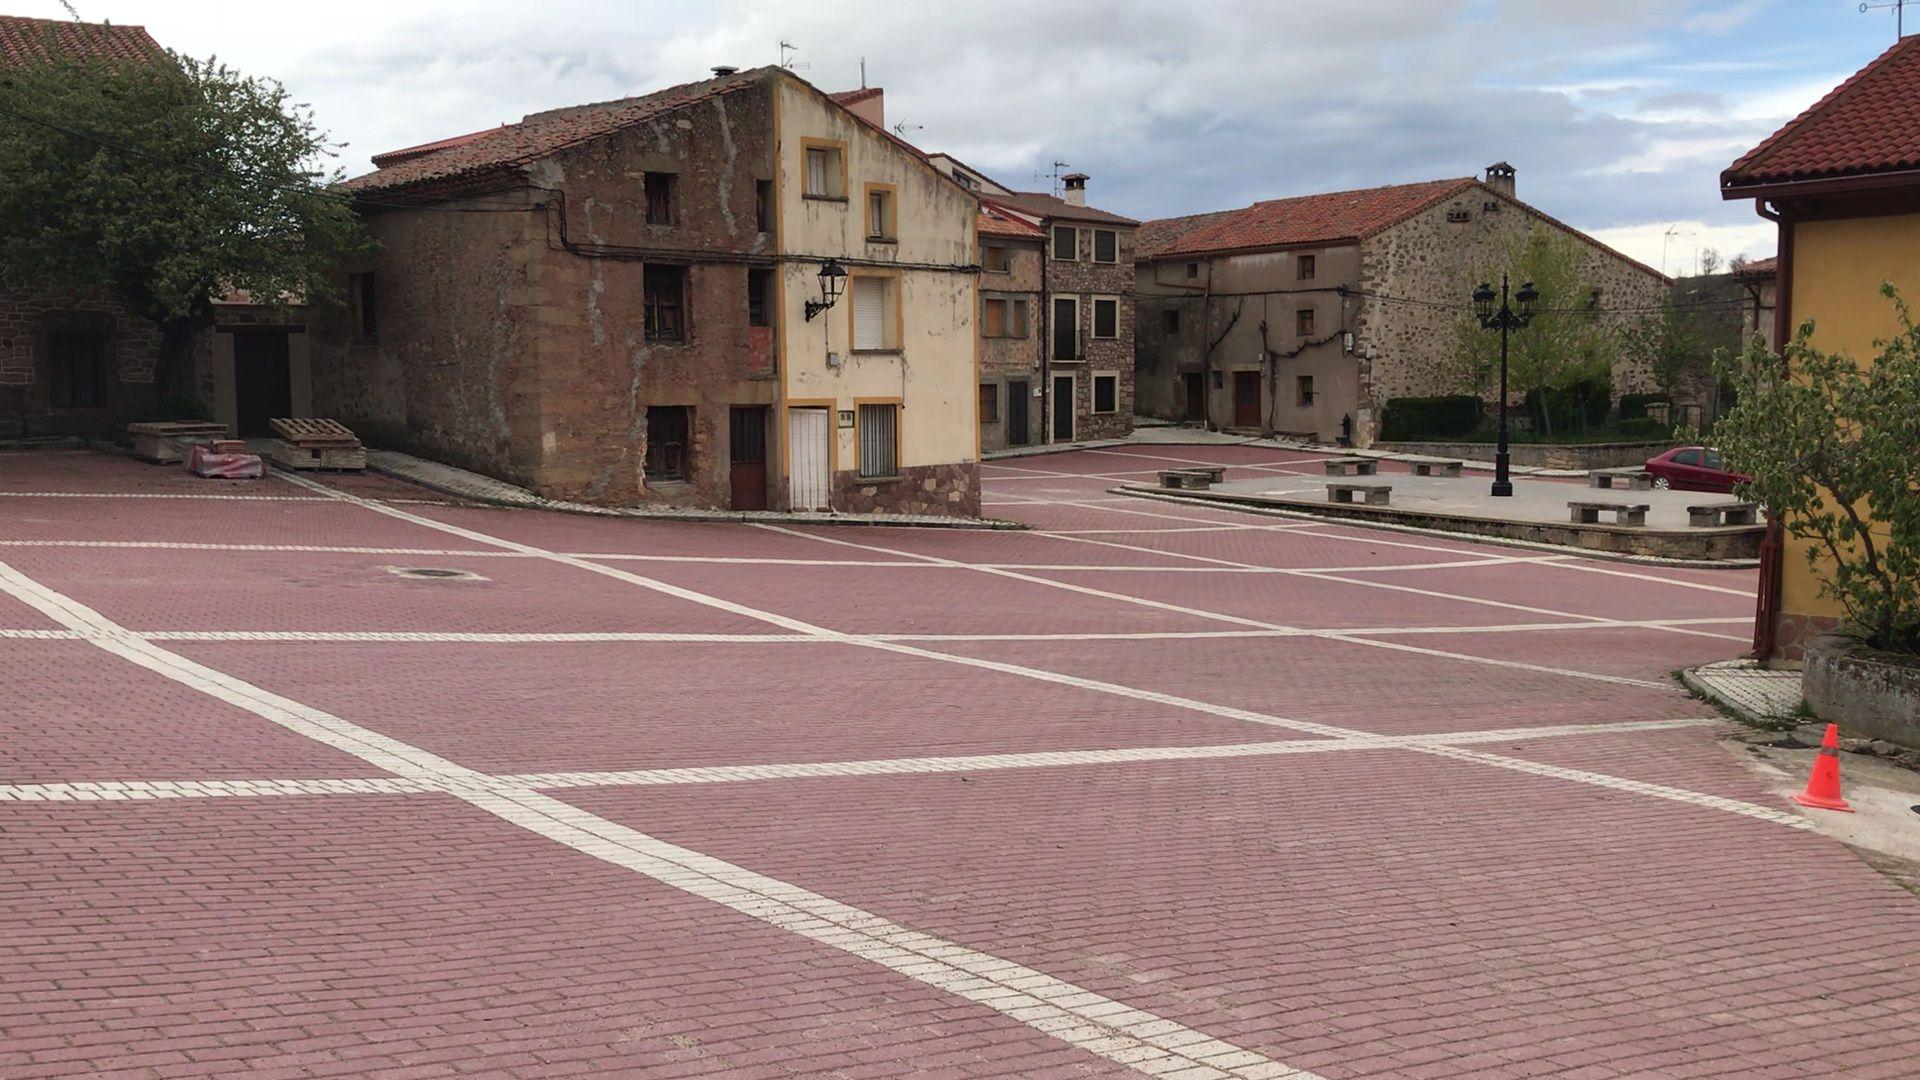 La Diputación de Guadalajara invierte más de 160.000€ en nuevas infraestructuras para cuatro municipios del Señorío de Molina